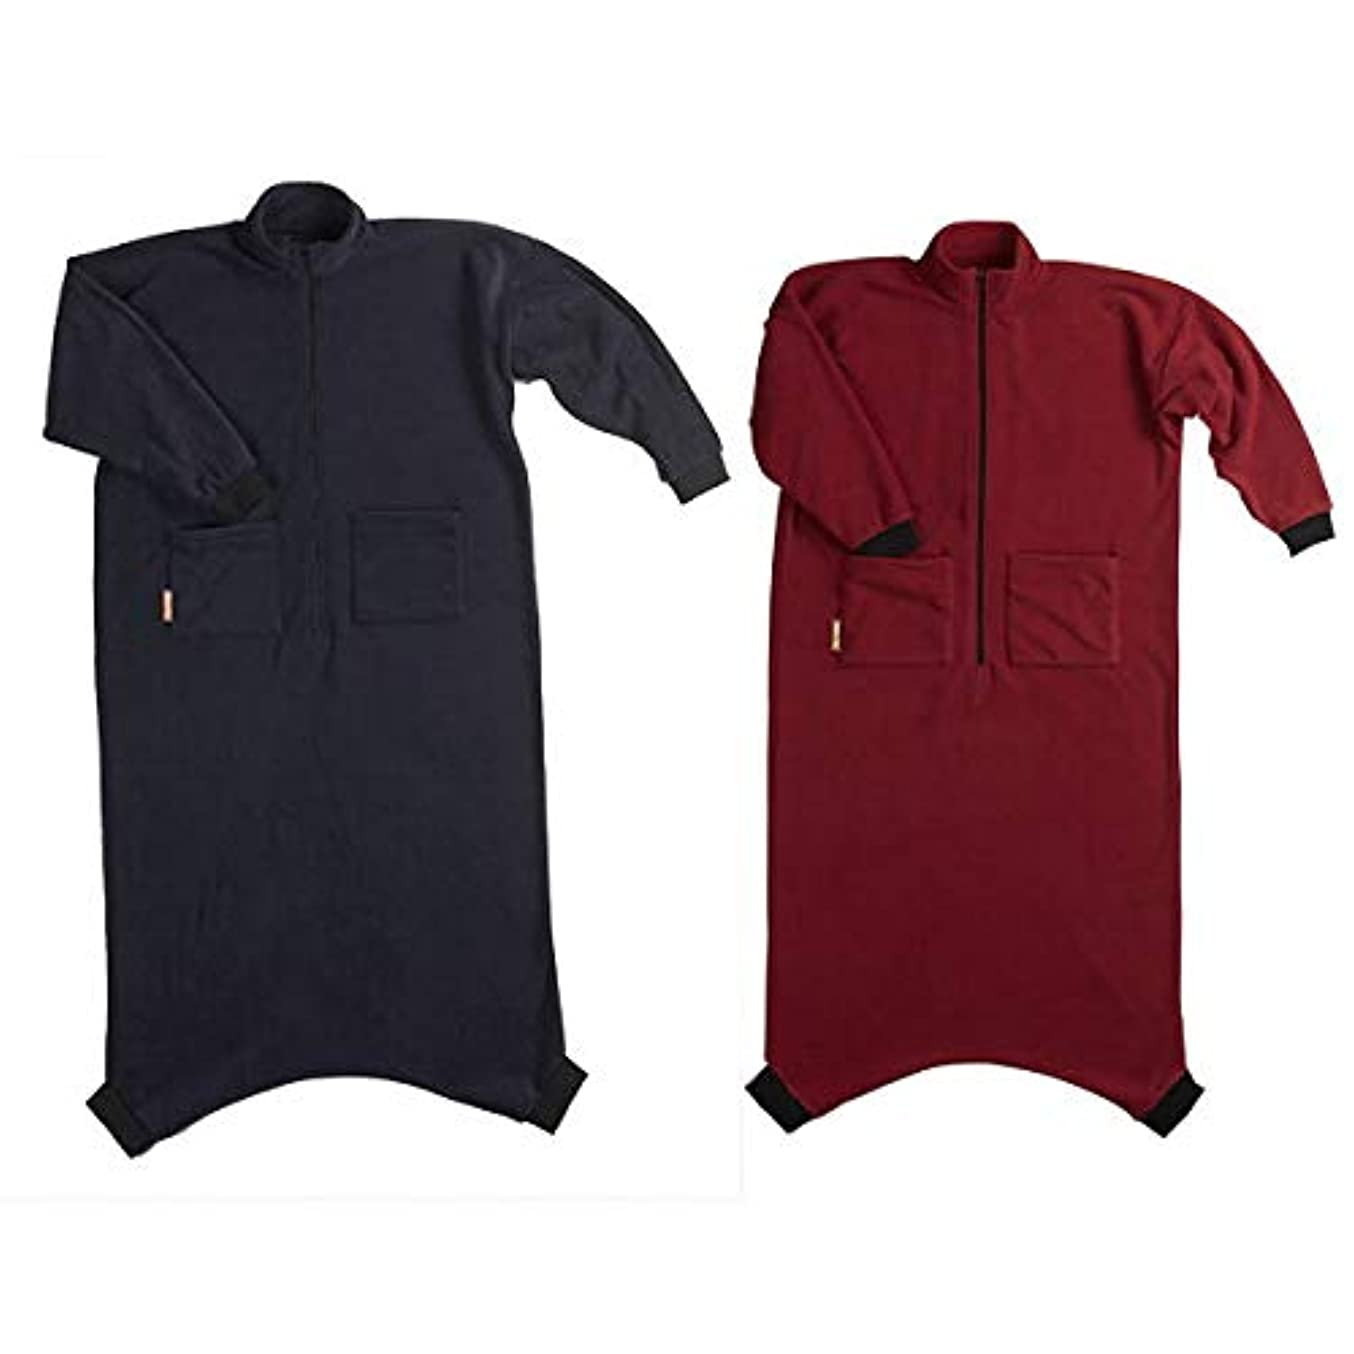 キャリア第二に自治的着る毛布 ヌックミィ/NuKME 180cm (男女兼用フリーサイズ) スタンダードガウンケット 無地